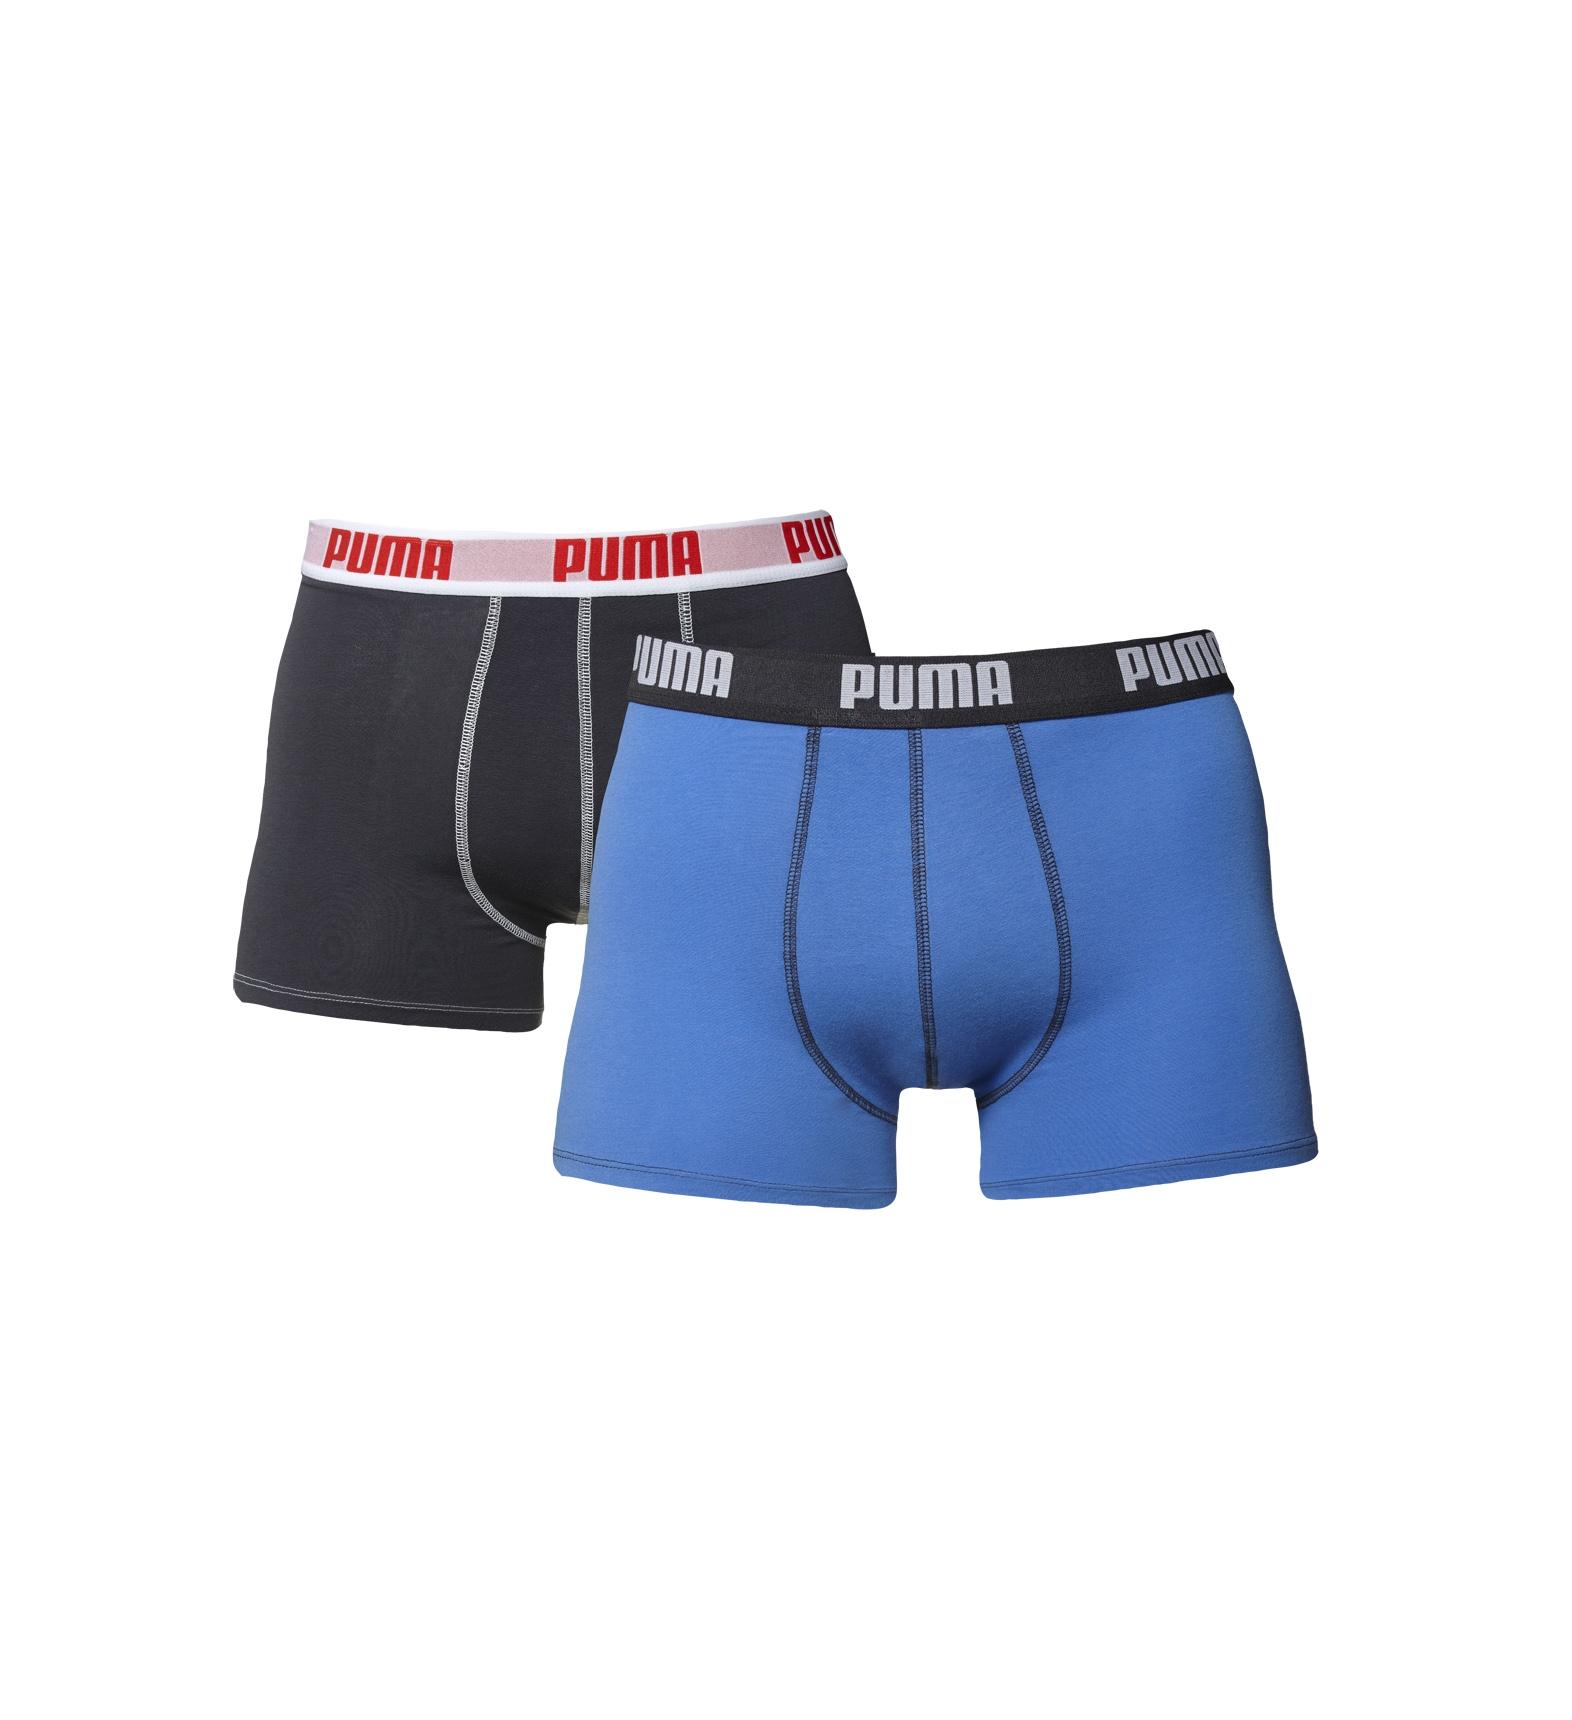 PUMA-Basic-Boxer-Short-Boxershort-Boxershorts-Unterhose-Herren-2-4-6-8er-Pack